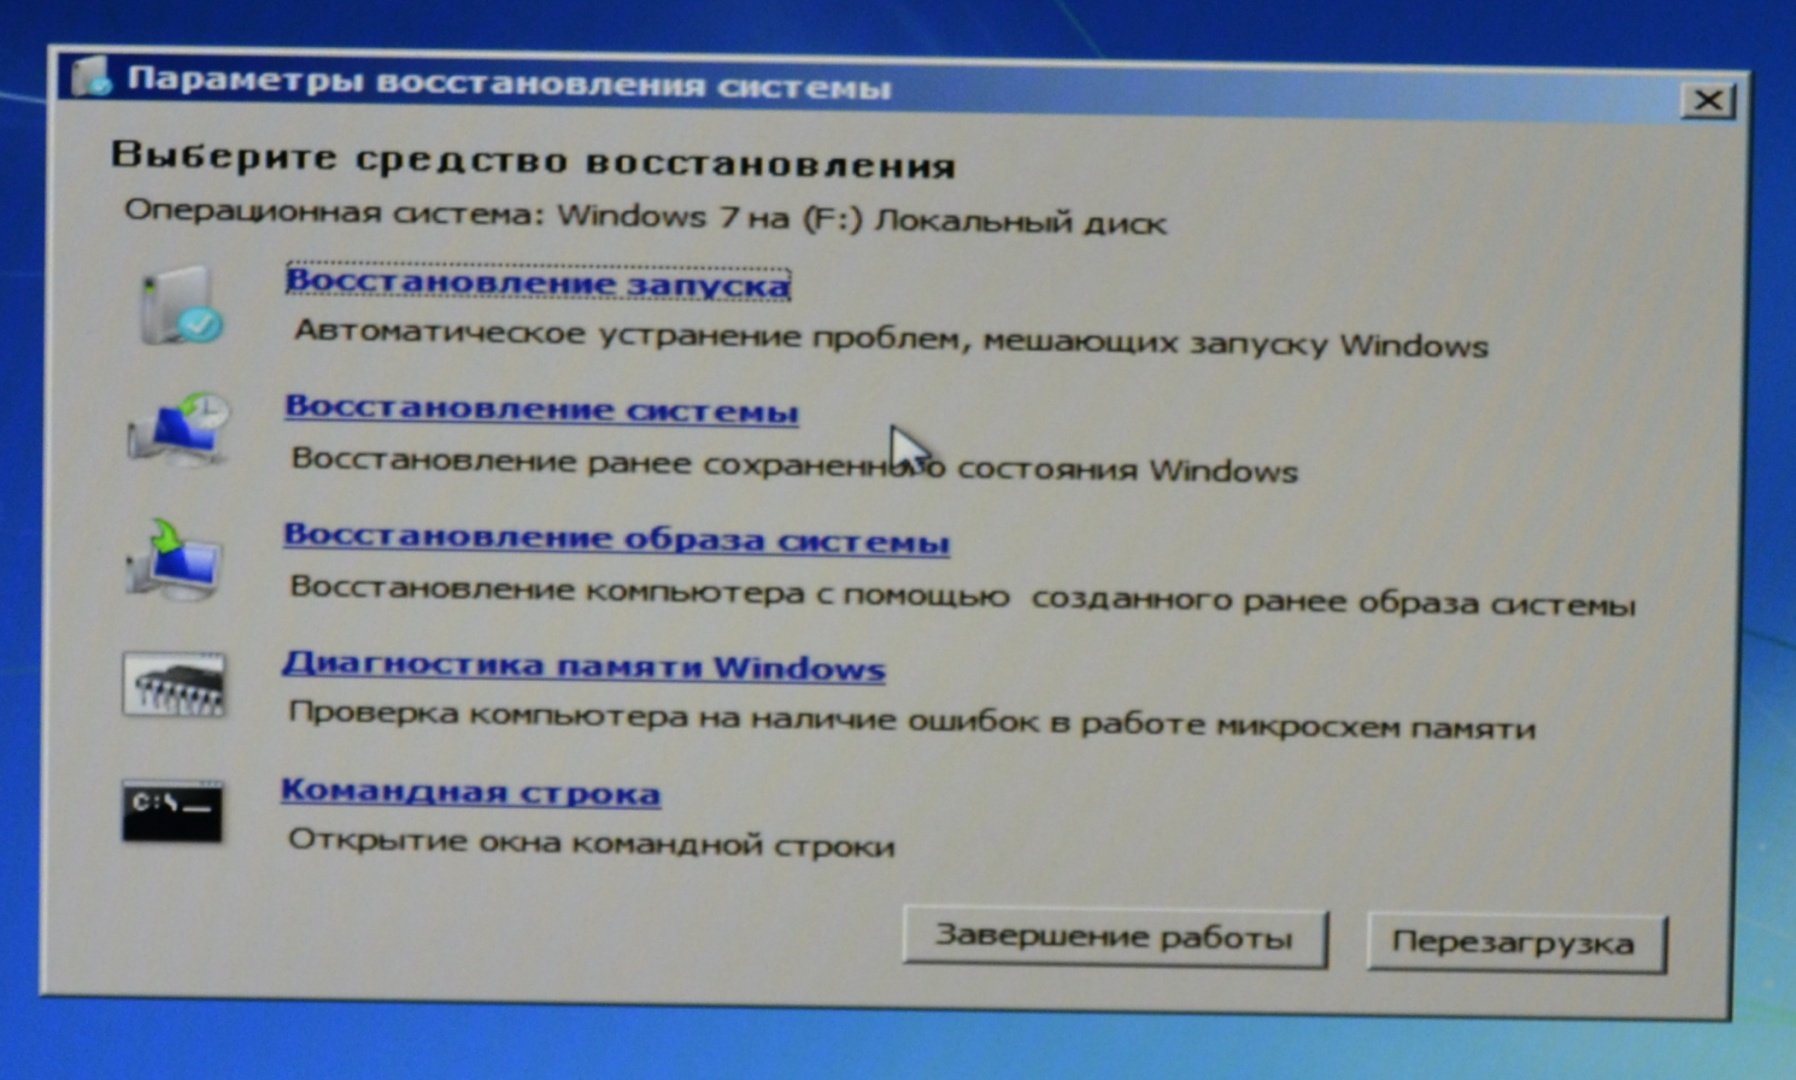 Автоматическое включение компьютера из BIOS - LiWiHelp 27